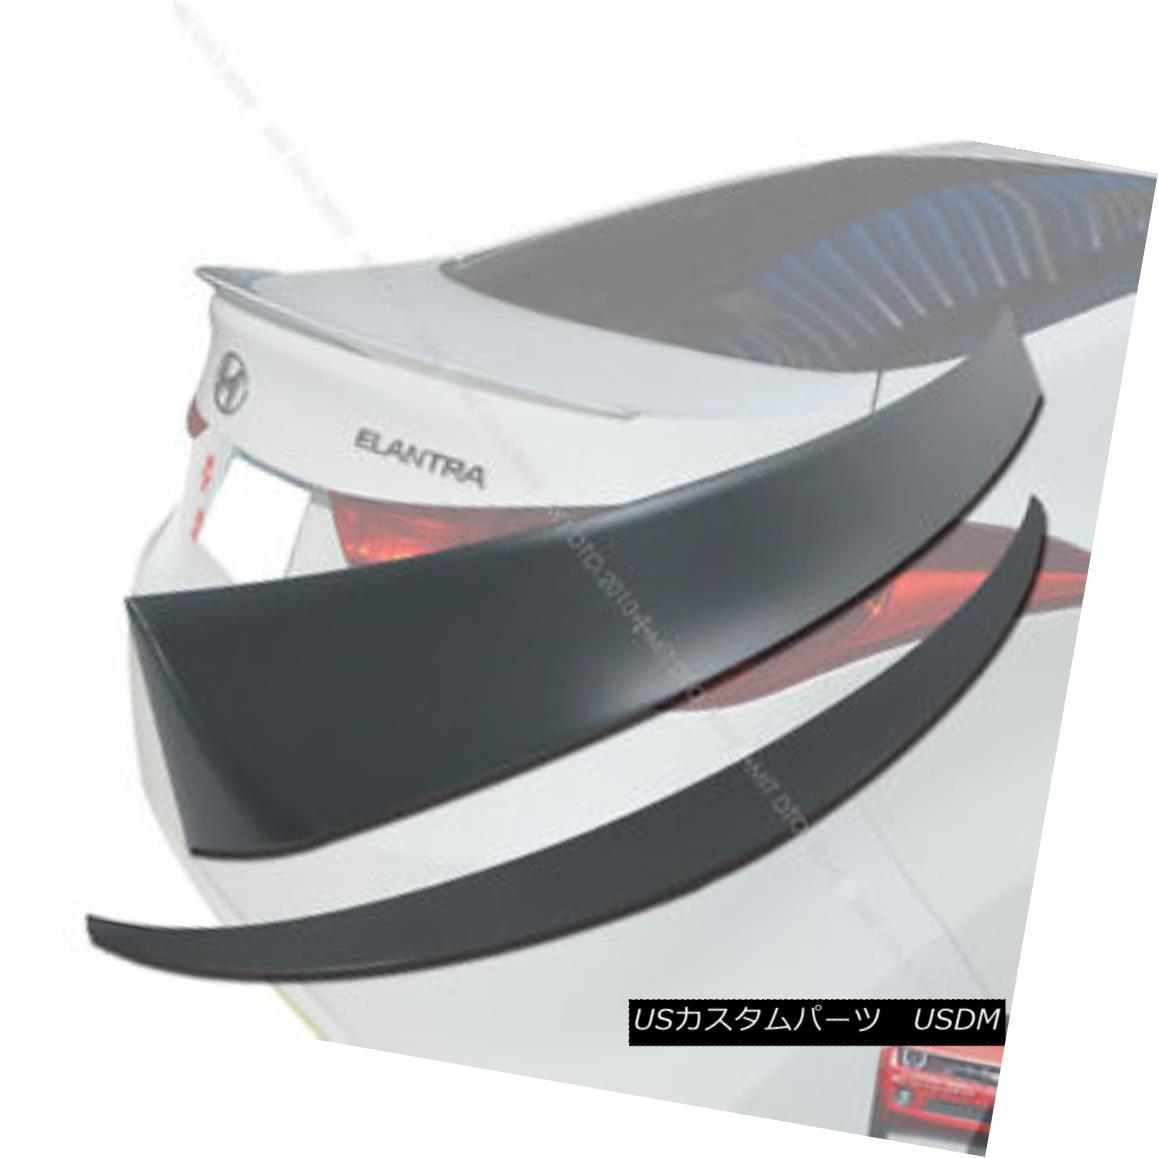 エアロパーツ 2010+ MD Elantra Rear Roof Spoiler & Trunk Spoiler Wing NEW § 2010 + MD Elantraリアルーフスポイラー& トランク・スポイラー・ウィングNEW